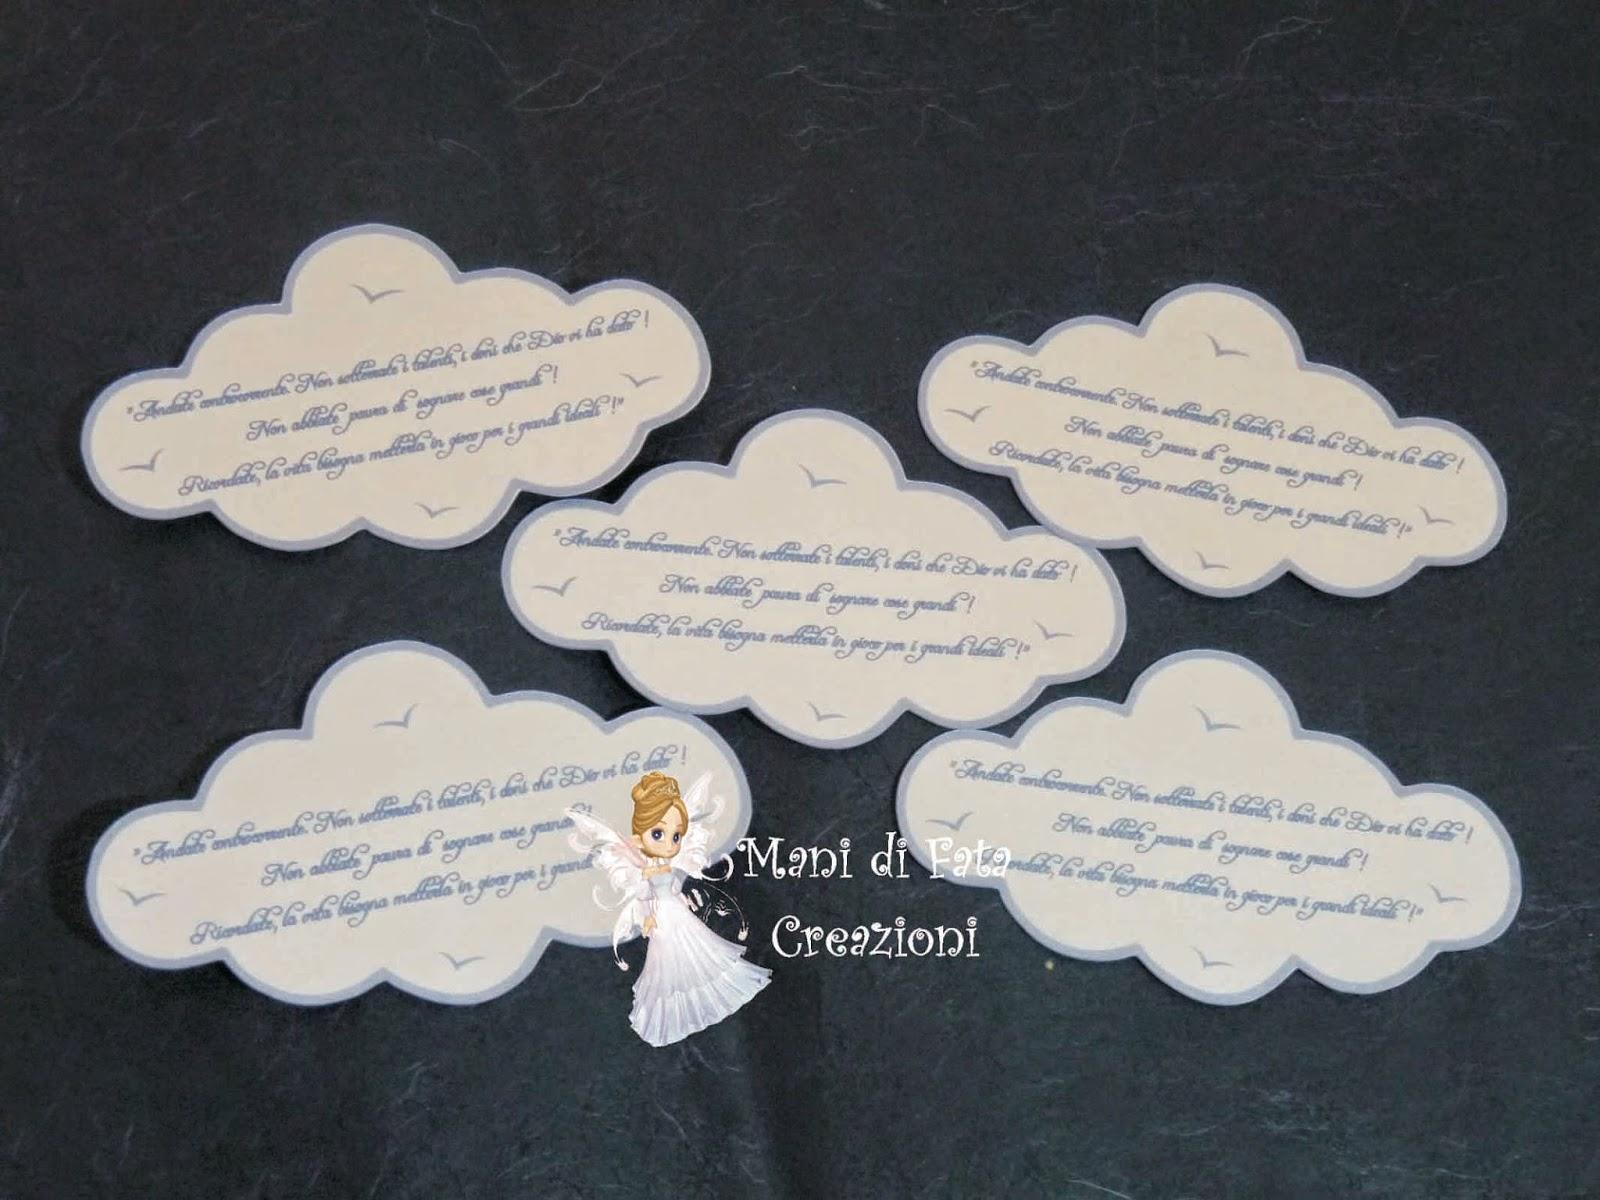 Popolare Mani di Fata Creazioni: Segnaposti nuvoletta IS65